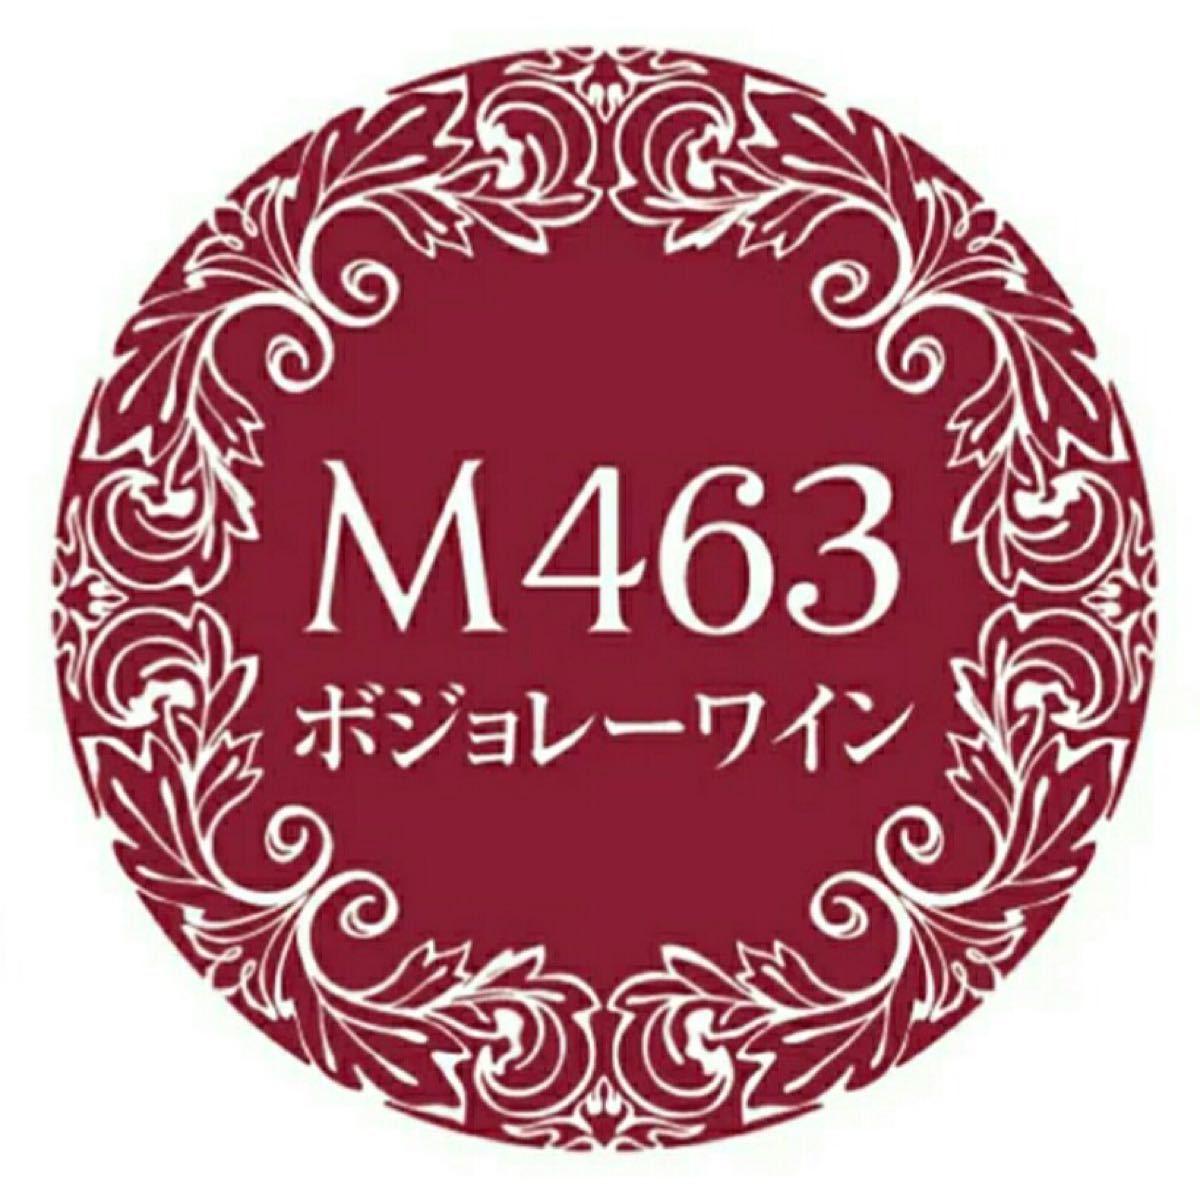 新品未使用 プリジェルミューズ Muse M463 ボジョレーワイン 1点